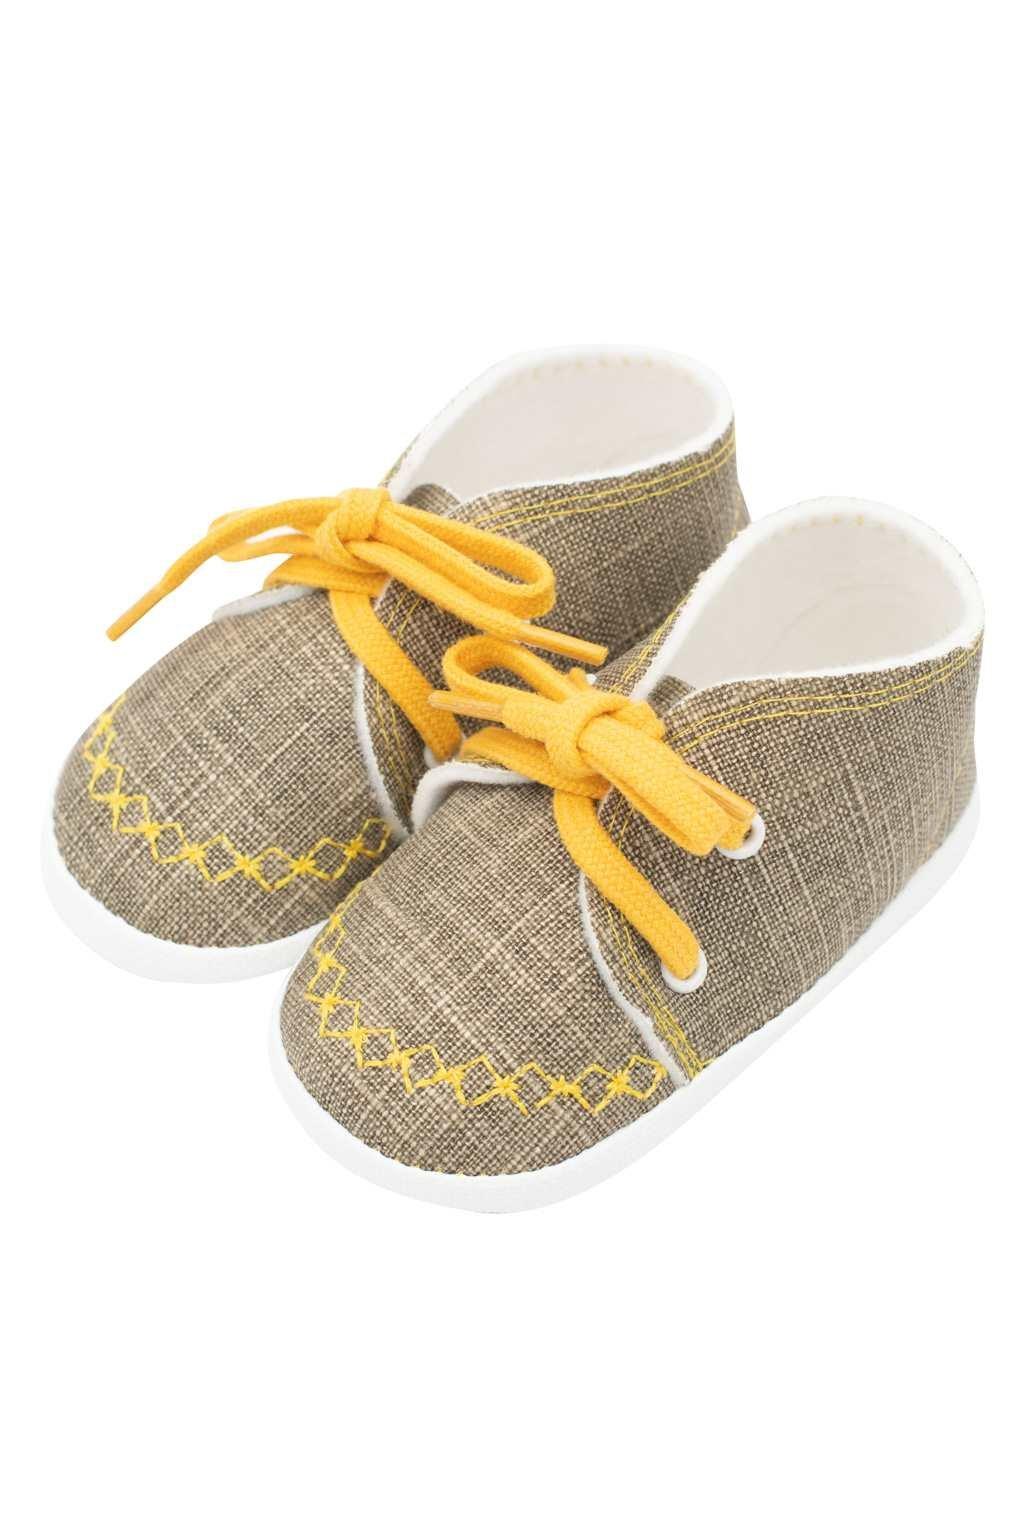 Dojčenské capačky tenisky New Baby jeans mustard 0-3 m